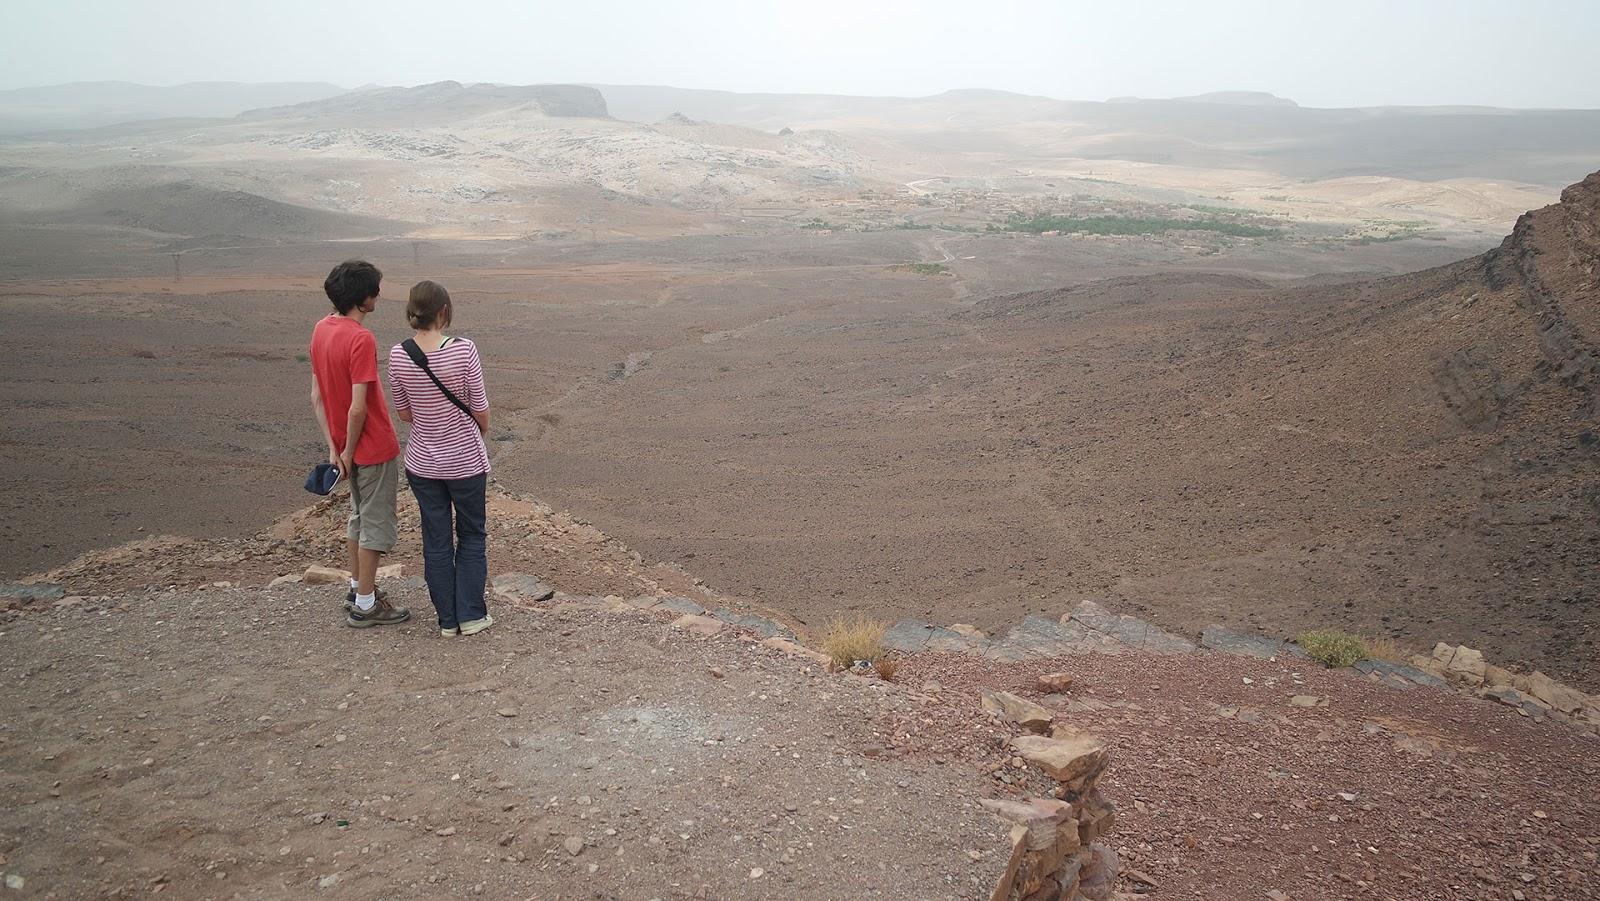 reg near Ouarzazate